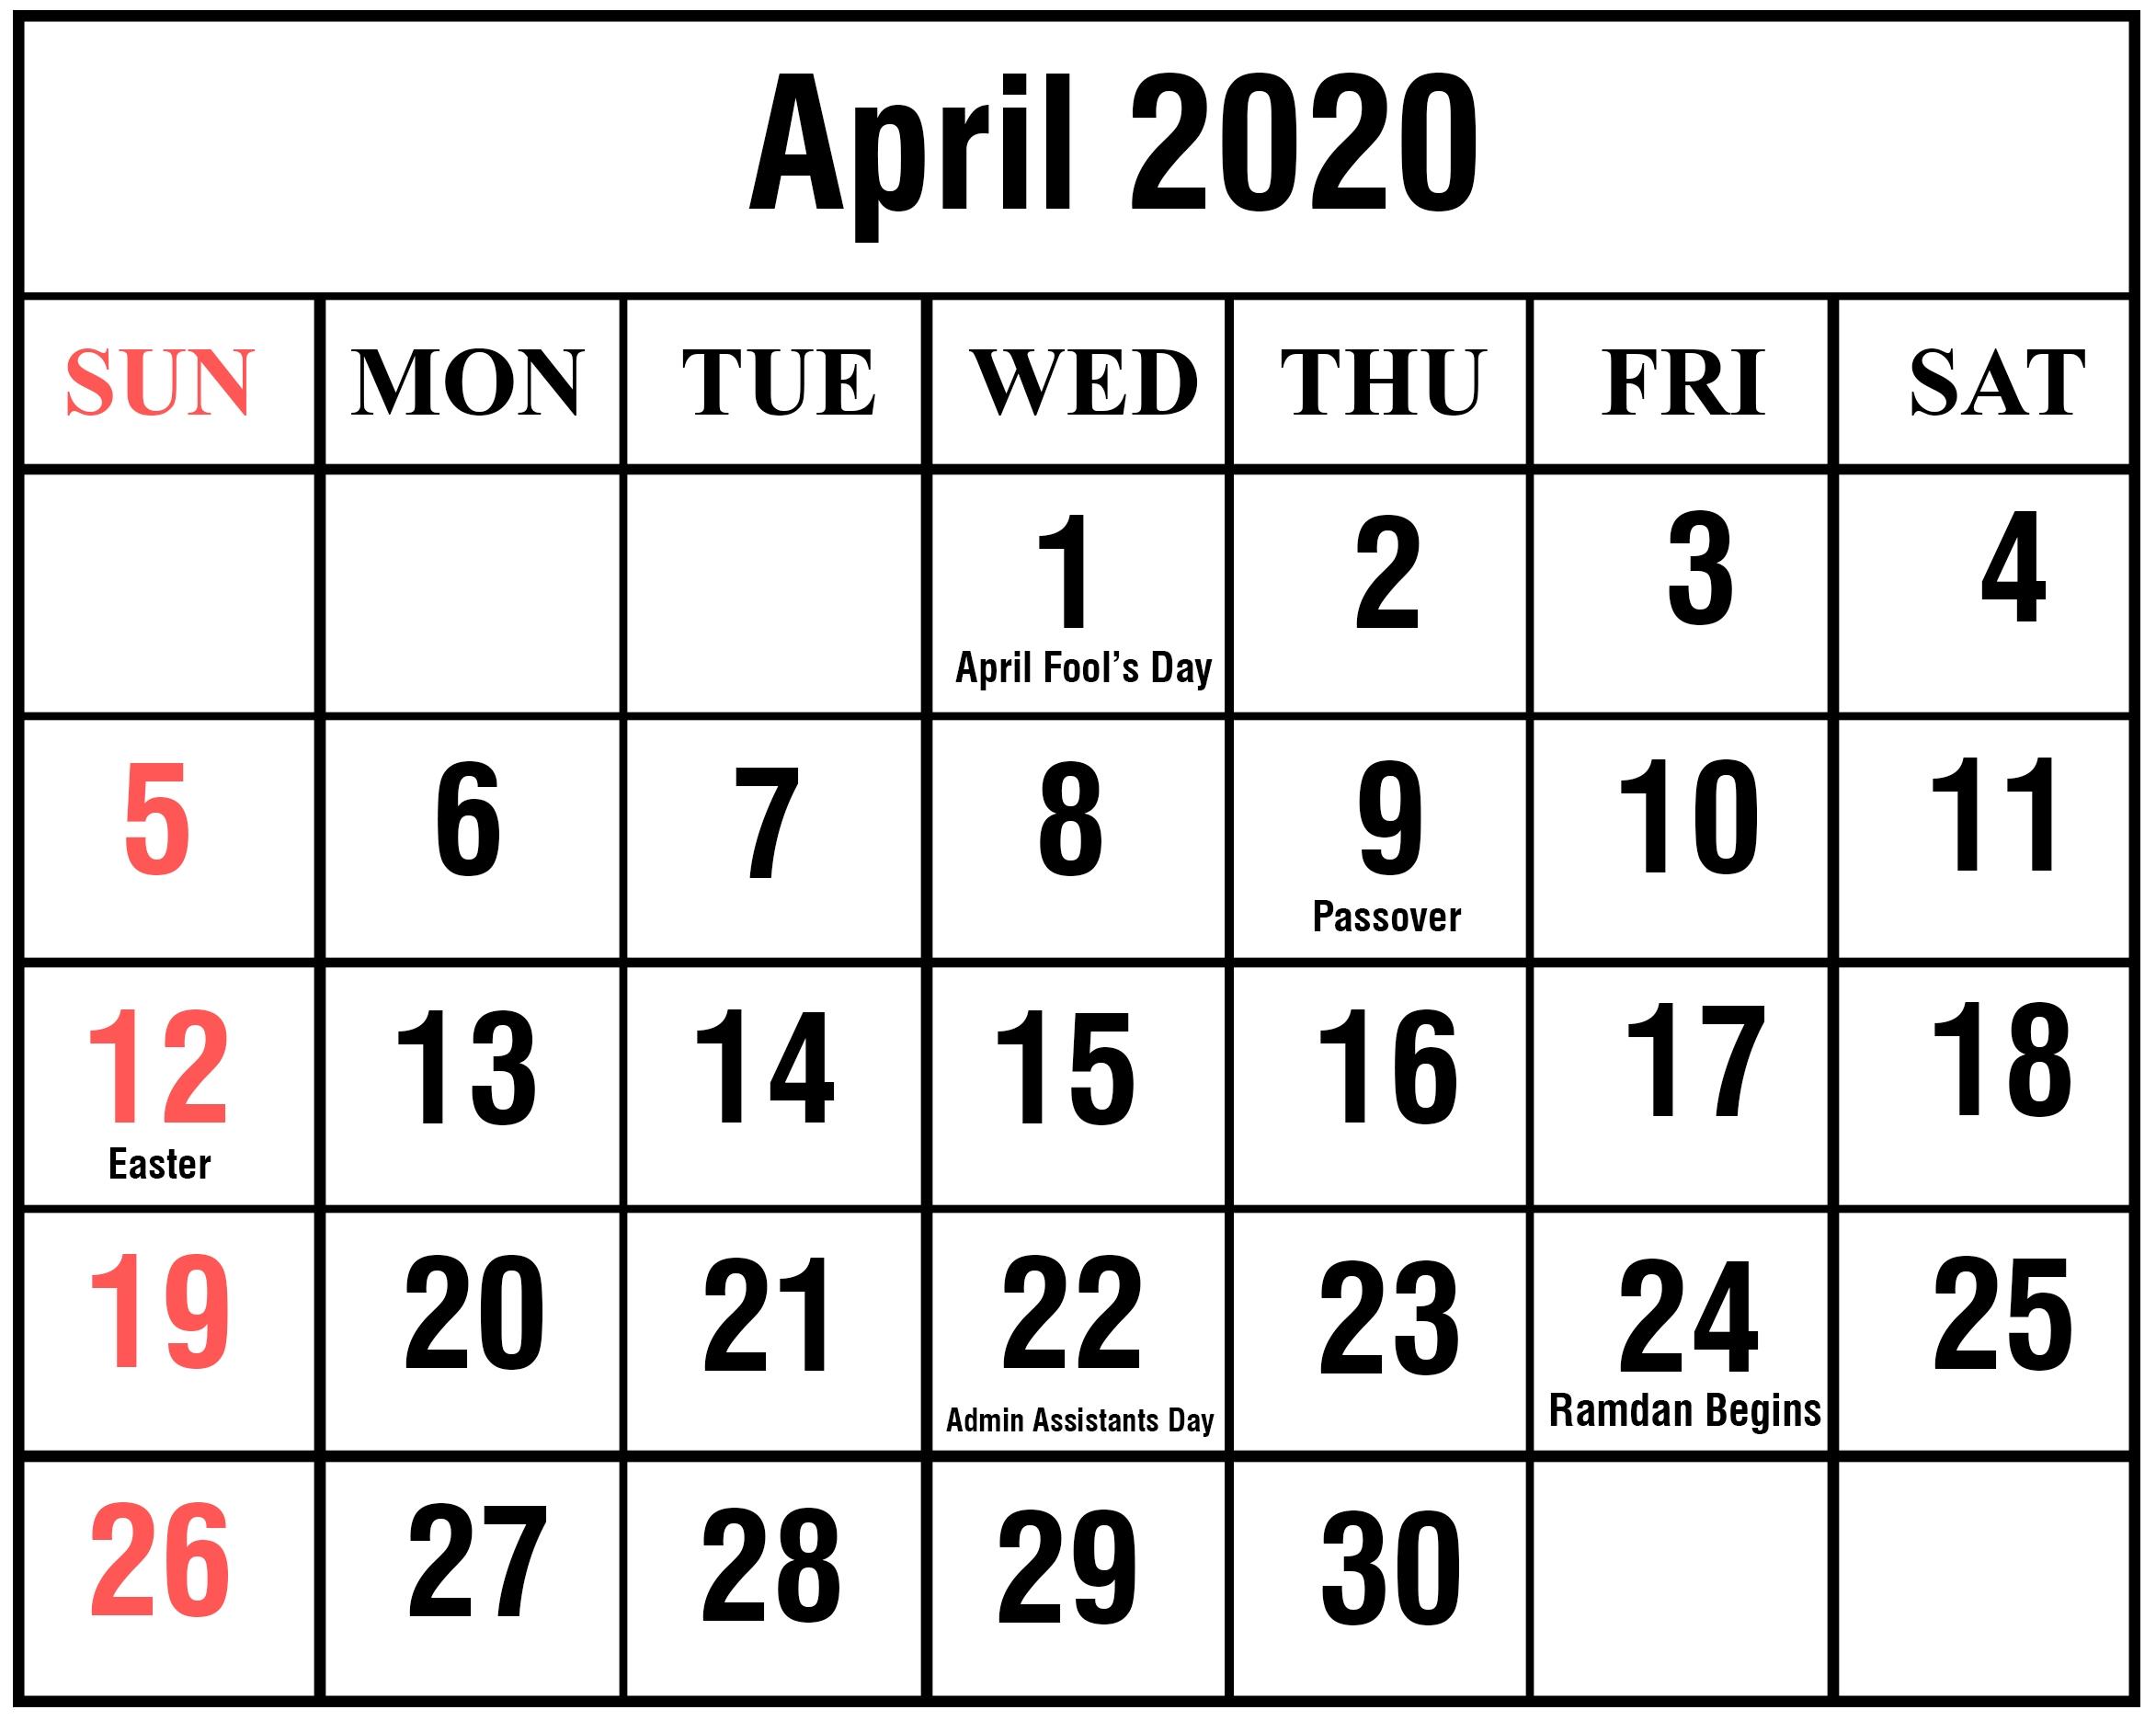 April 2020 Calendar | Printable April Calendar Template